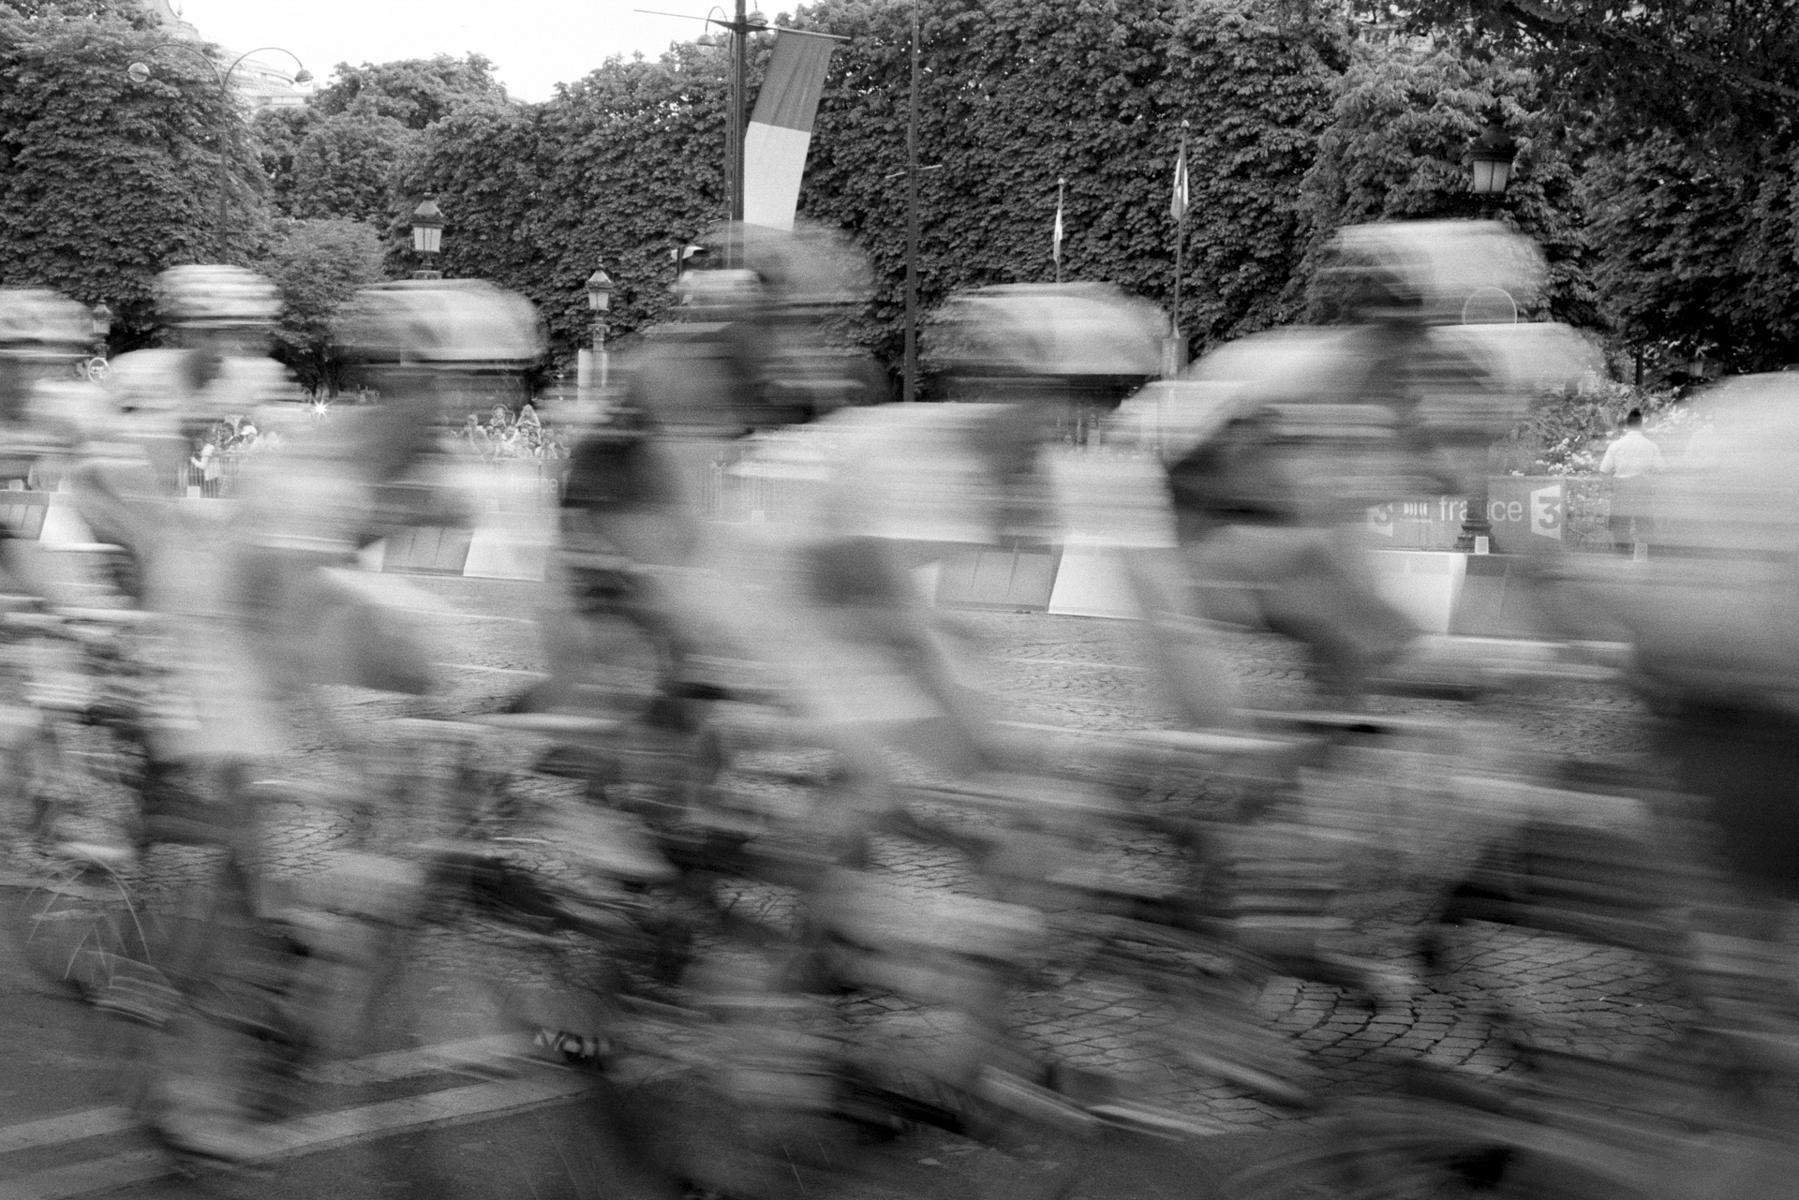 Le Tour de France 2010 Waiting for the big moment, and it all goes by in a big Blur! C'est un peu ce que l'on voit le moment tant attendu arrivé. Un grand flou! So ungefähr fühlt sich der Moment an, auf den man gewartet hat. A big Blur! Por fin el momento esperado, aunque la sensación que se siente, es un gran borrón!